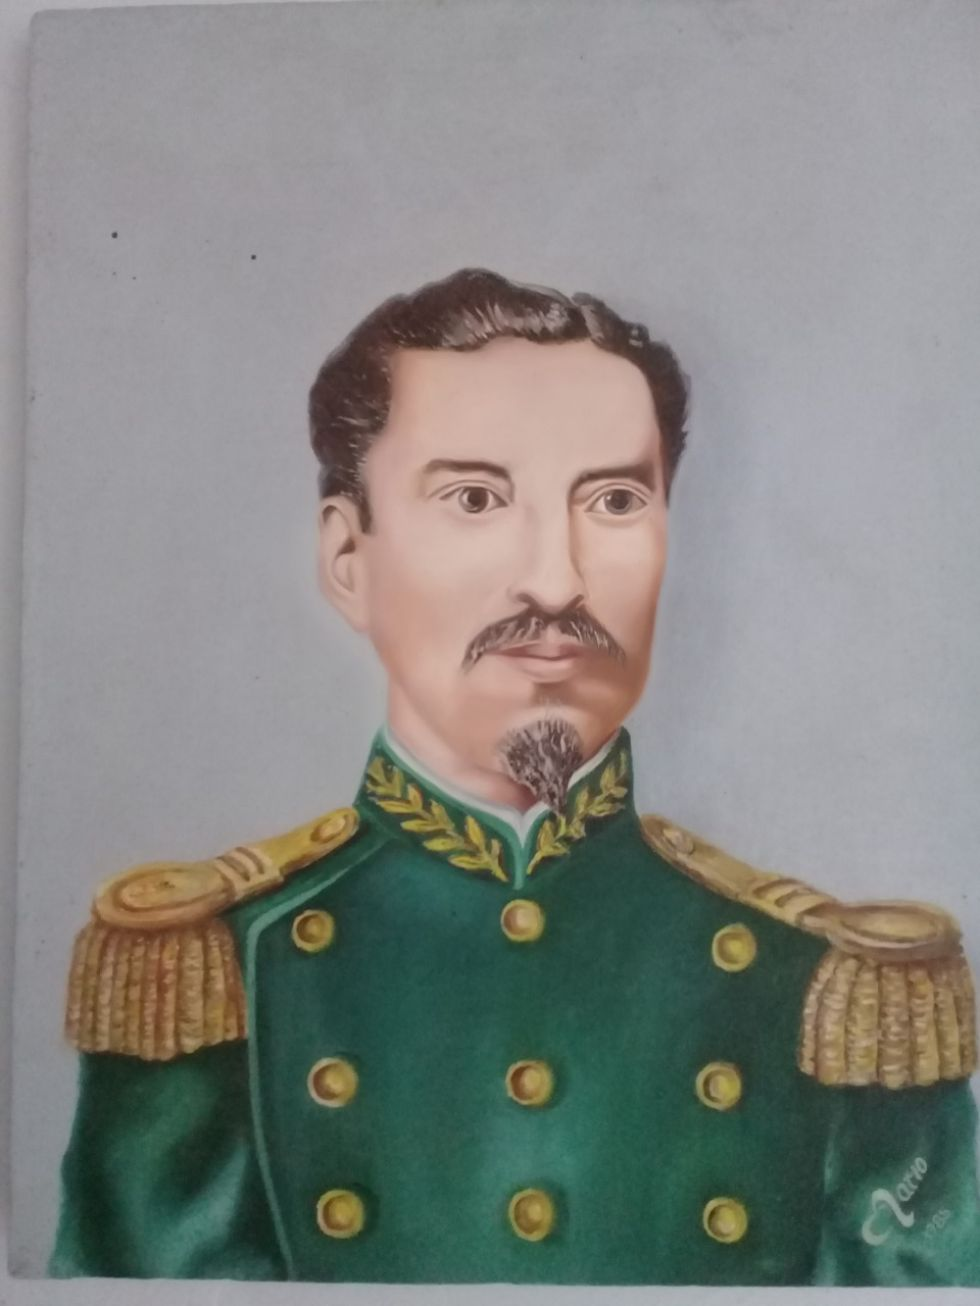 Lienzo del coronel en el museo en Talina.